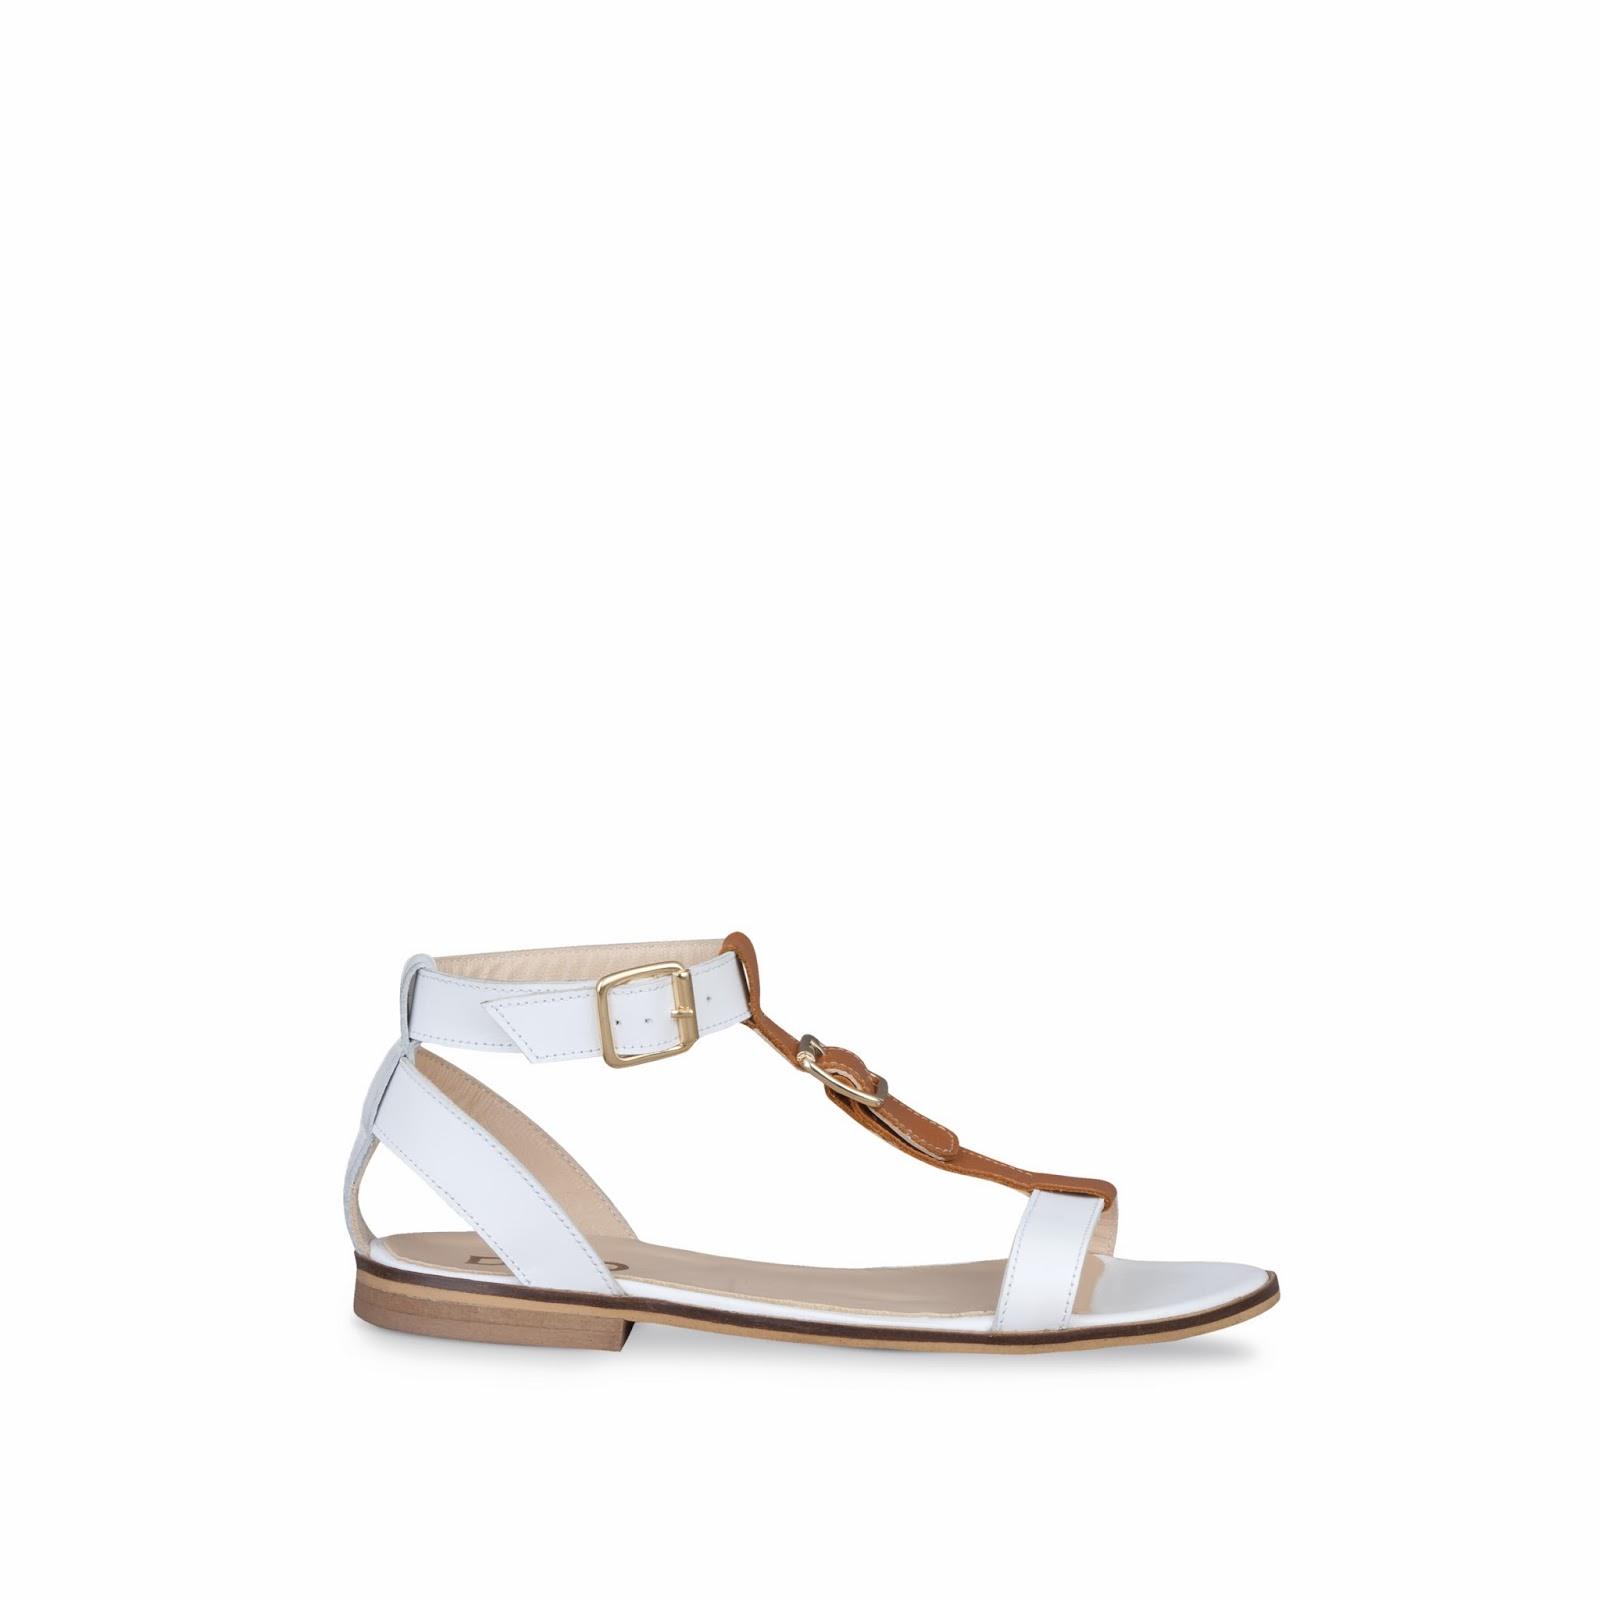 DUO, duoboots, bottes, chaussures, chaussure-femme, chaussure-femme-pas-cher, chaussures-femmes-marques, mode, bottes-femme, escarpins, bottines, sandales, botte-femme, escarpin, basket-femme, victoria-chaussure, mode, fashion, blog-mode, blog-de-mode, hall-aux-chaussures, balleriens, du-dessin-aux-podiums, texto-chaussures, halles-aux-chaussures